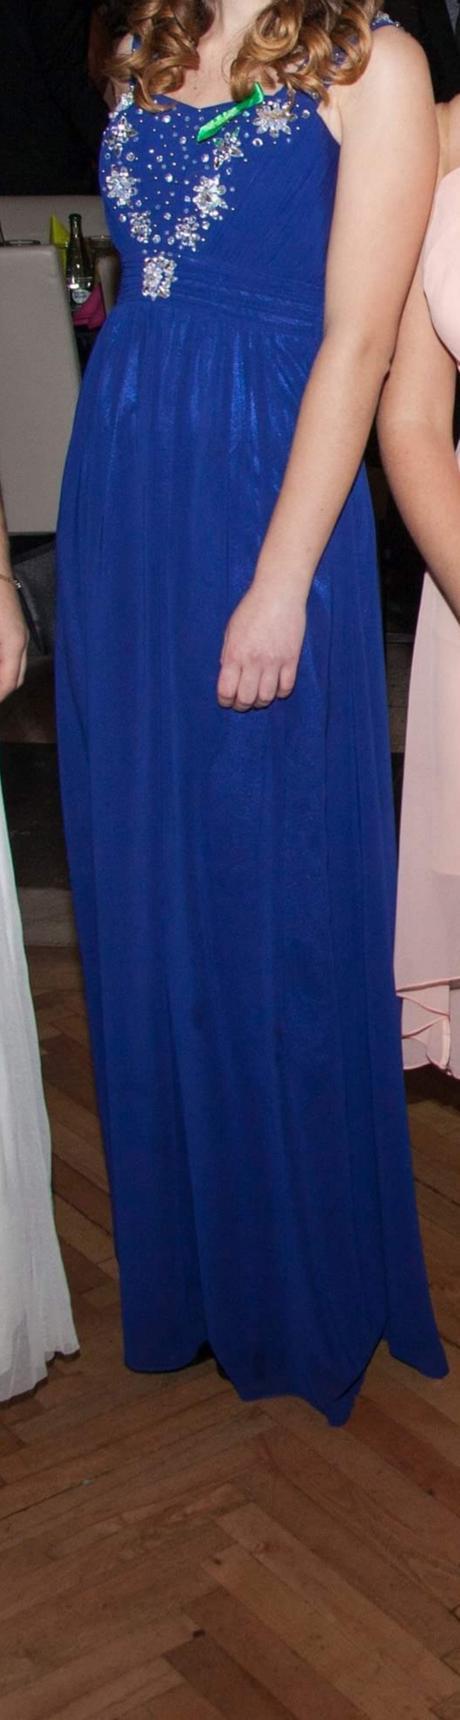 Spoločenské šaty dlhé veľ. 34 - Obrázok č. 4